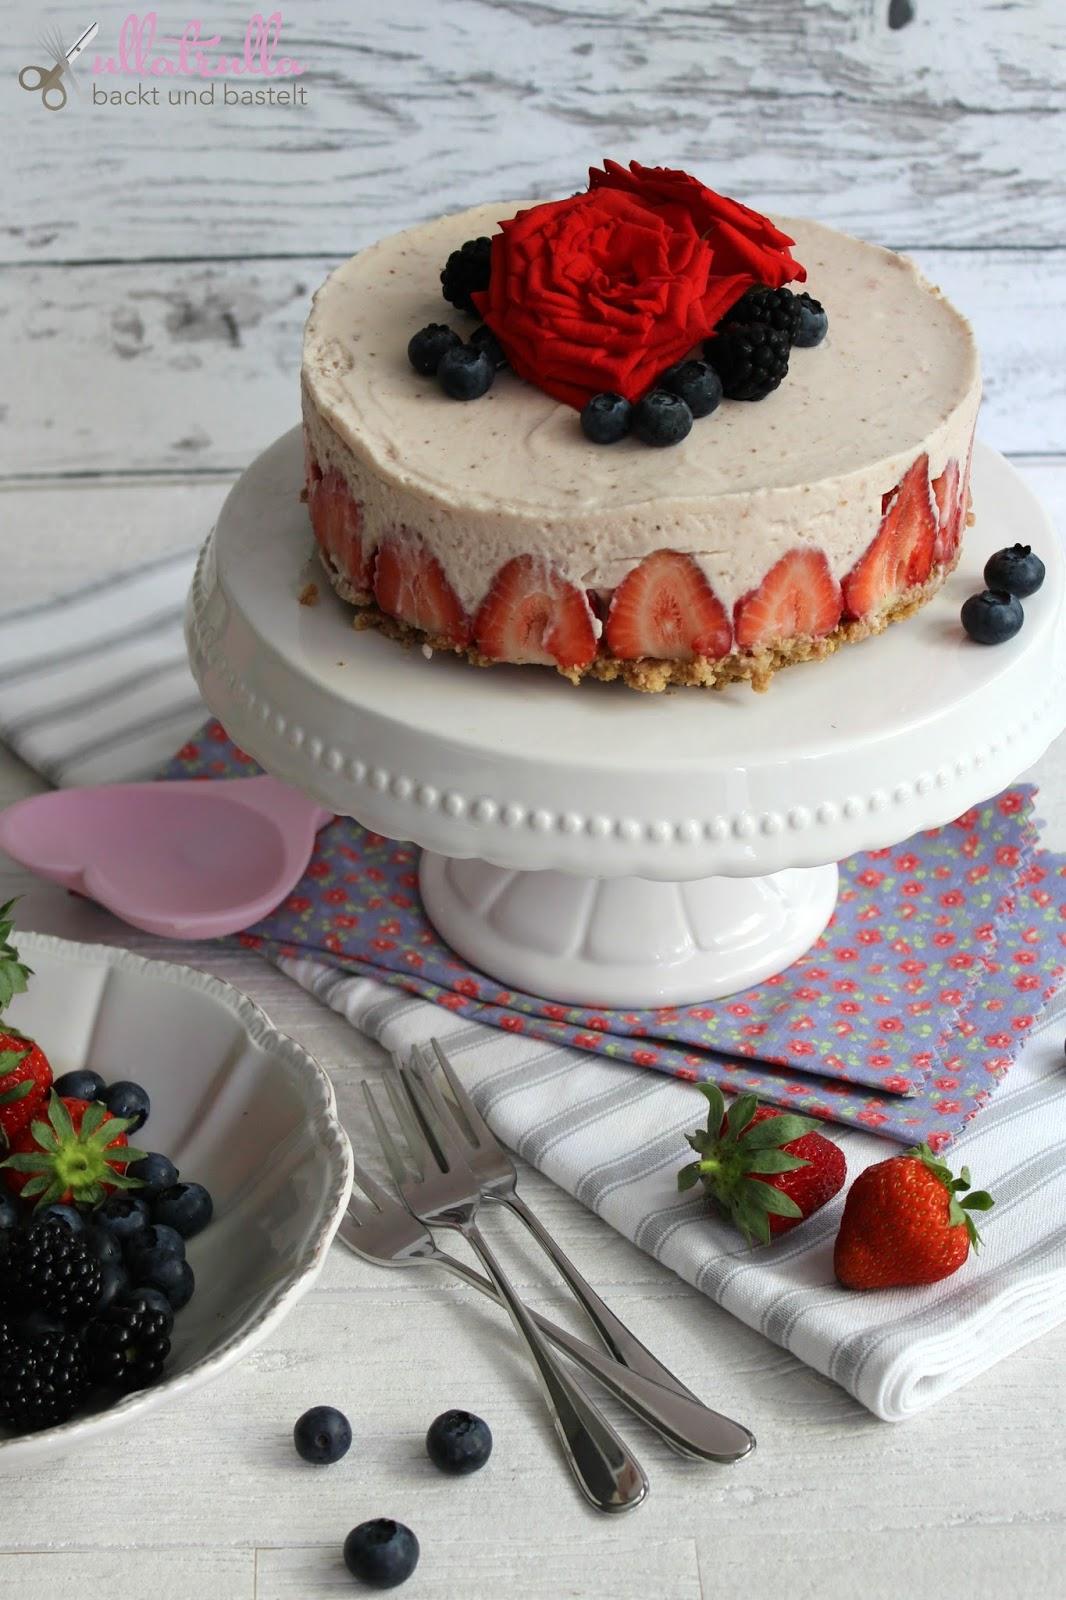 ullatrulla backt und bastelt no bake cheesecake mit erdbeeren. Black Bedroom Furniture Sets. Home Design Ideas